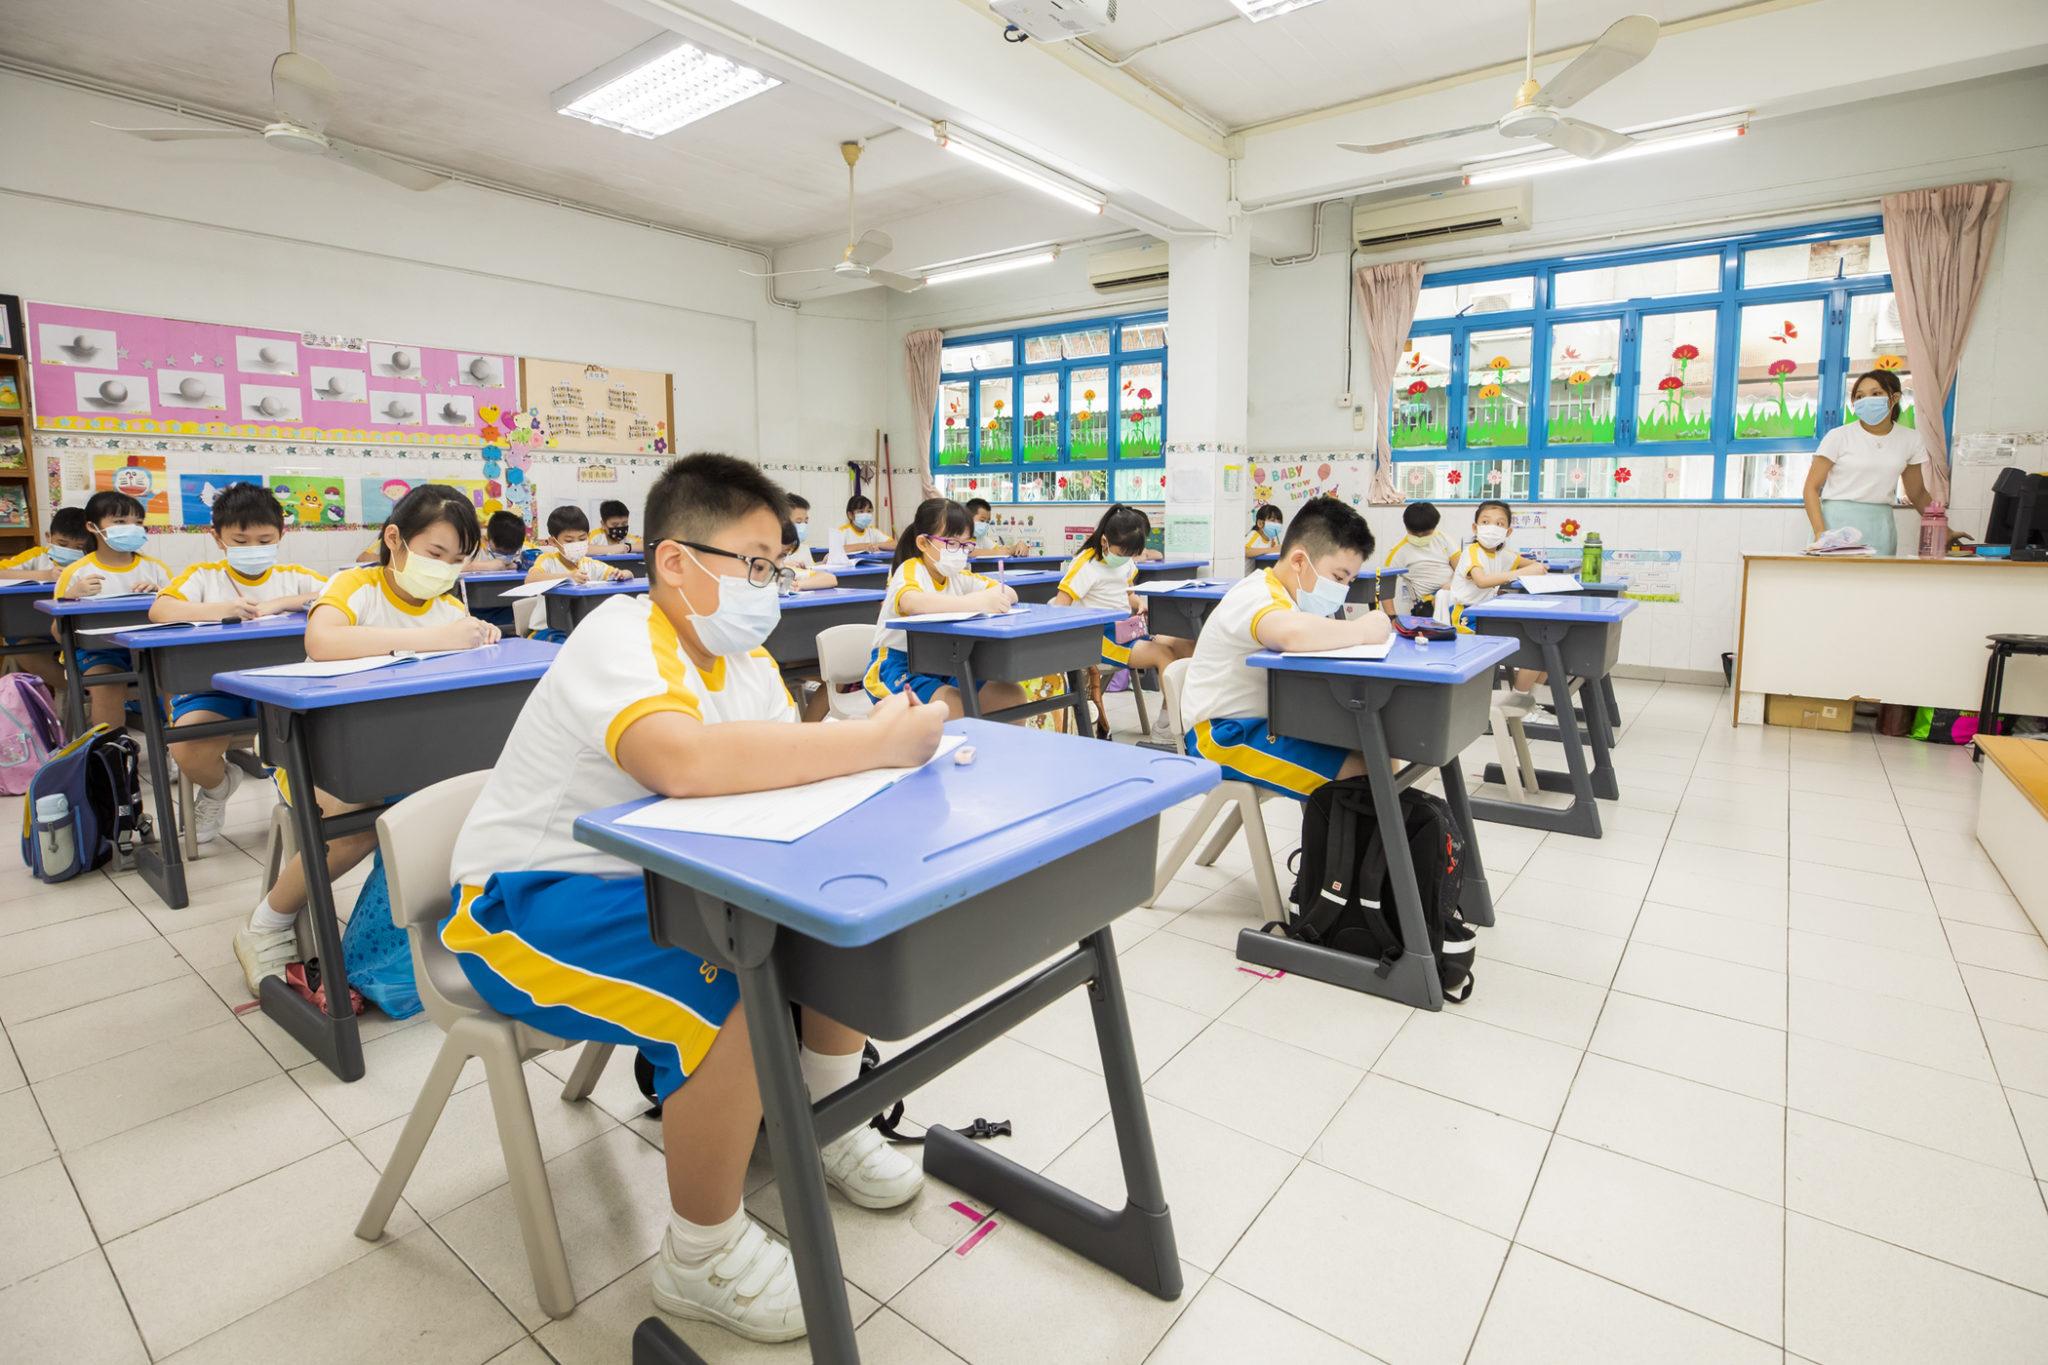 Conselho Executivo | Plano de subsídios escolares vai custar 40 milhões